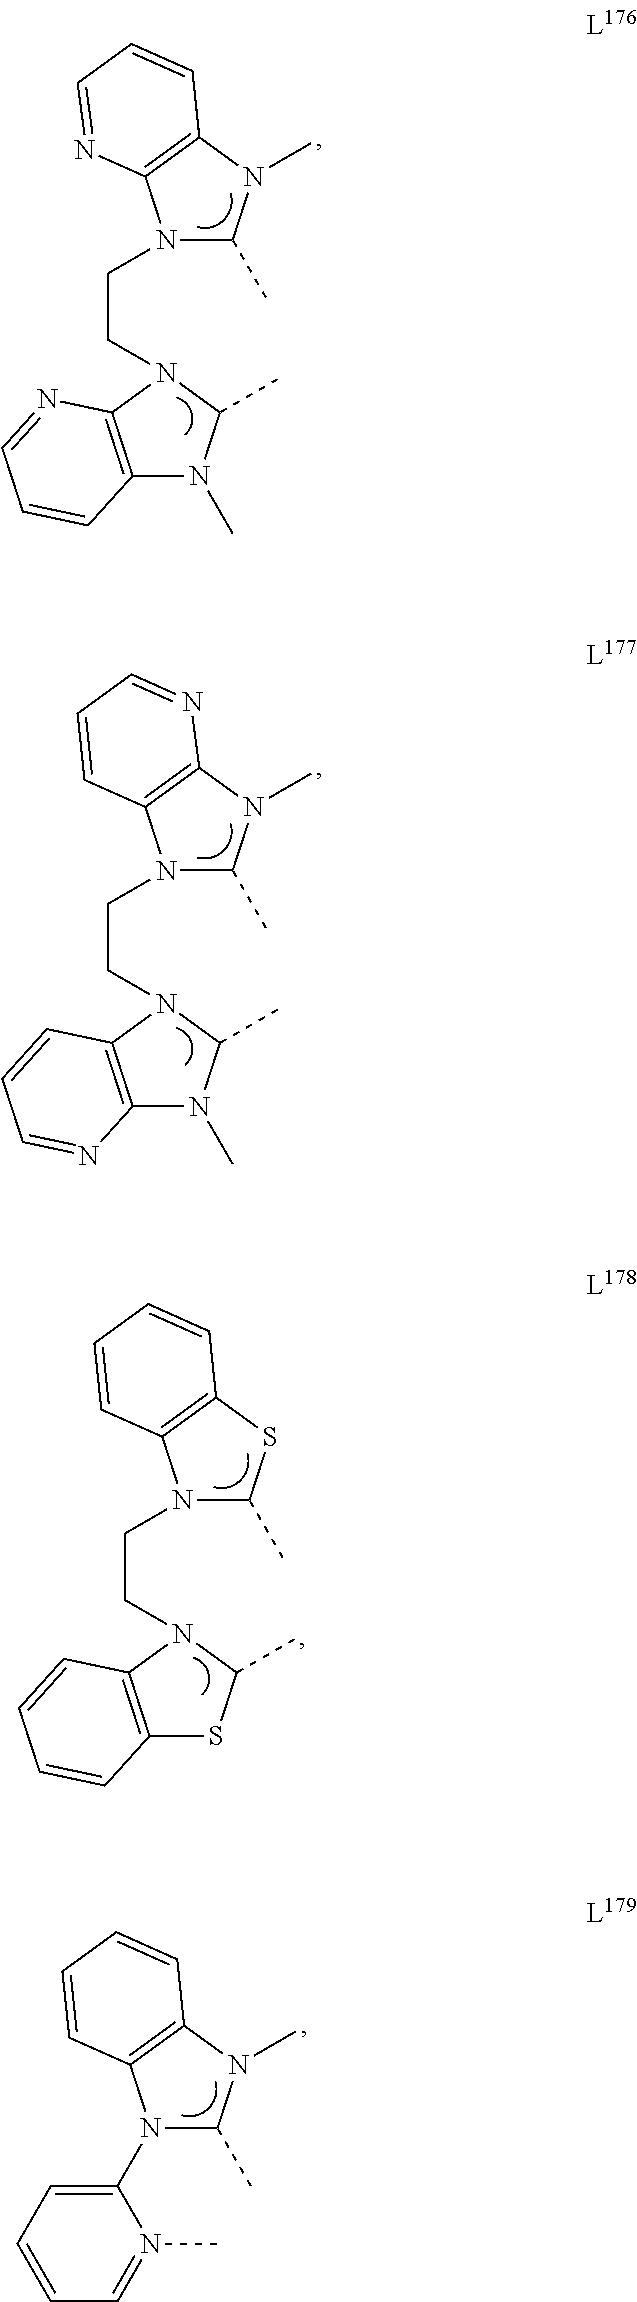 Figure US09306179-20160405-C00021